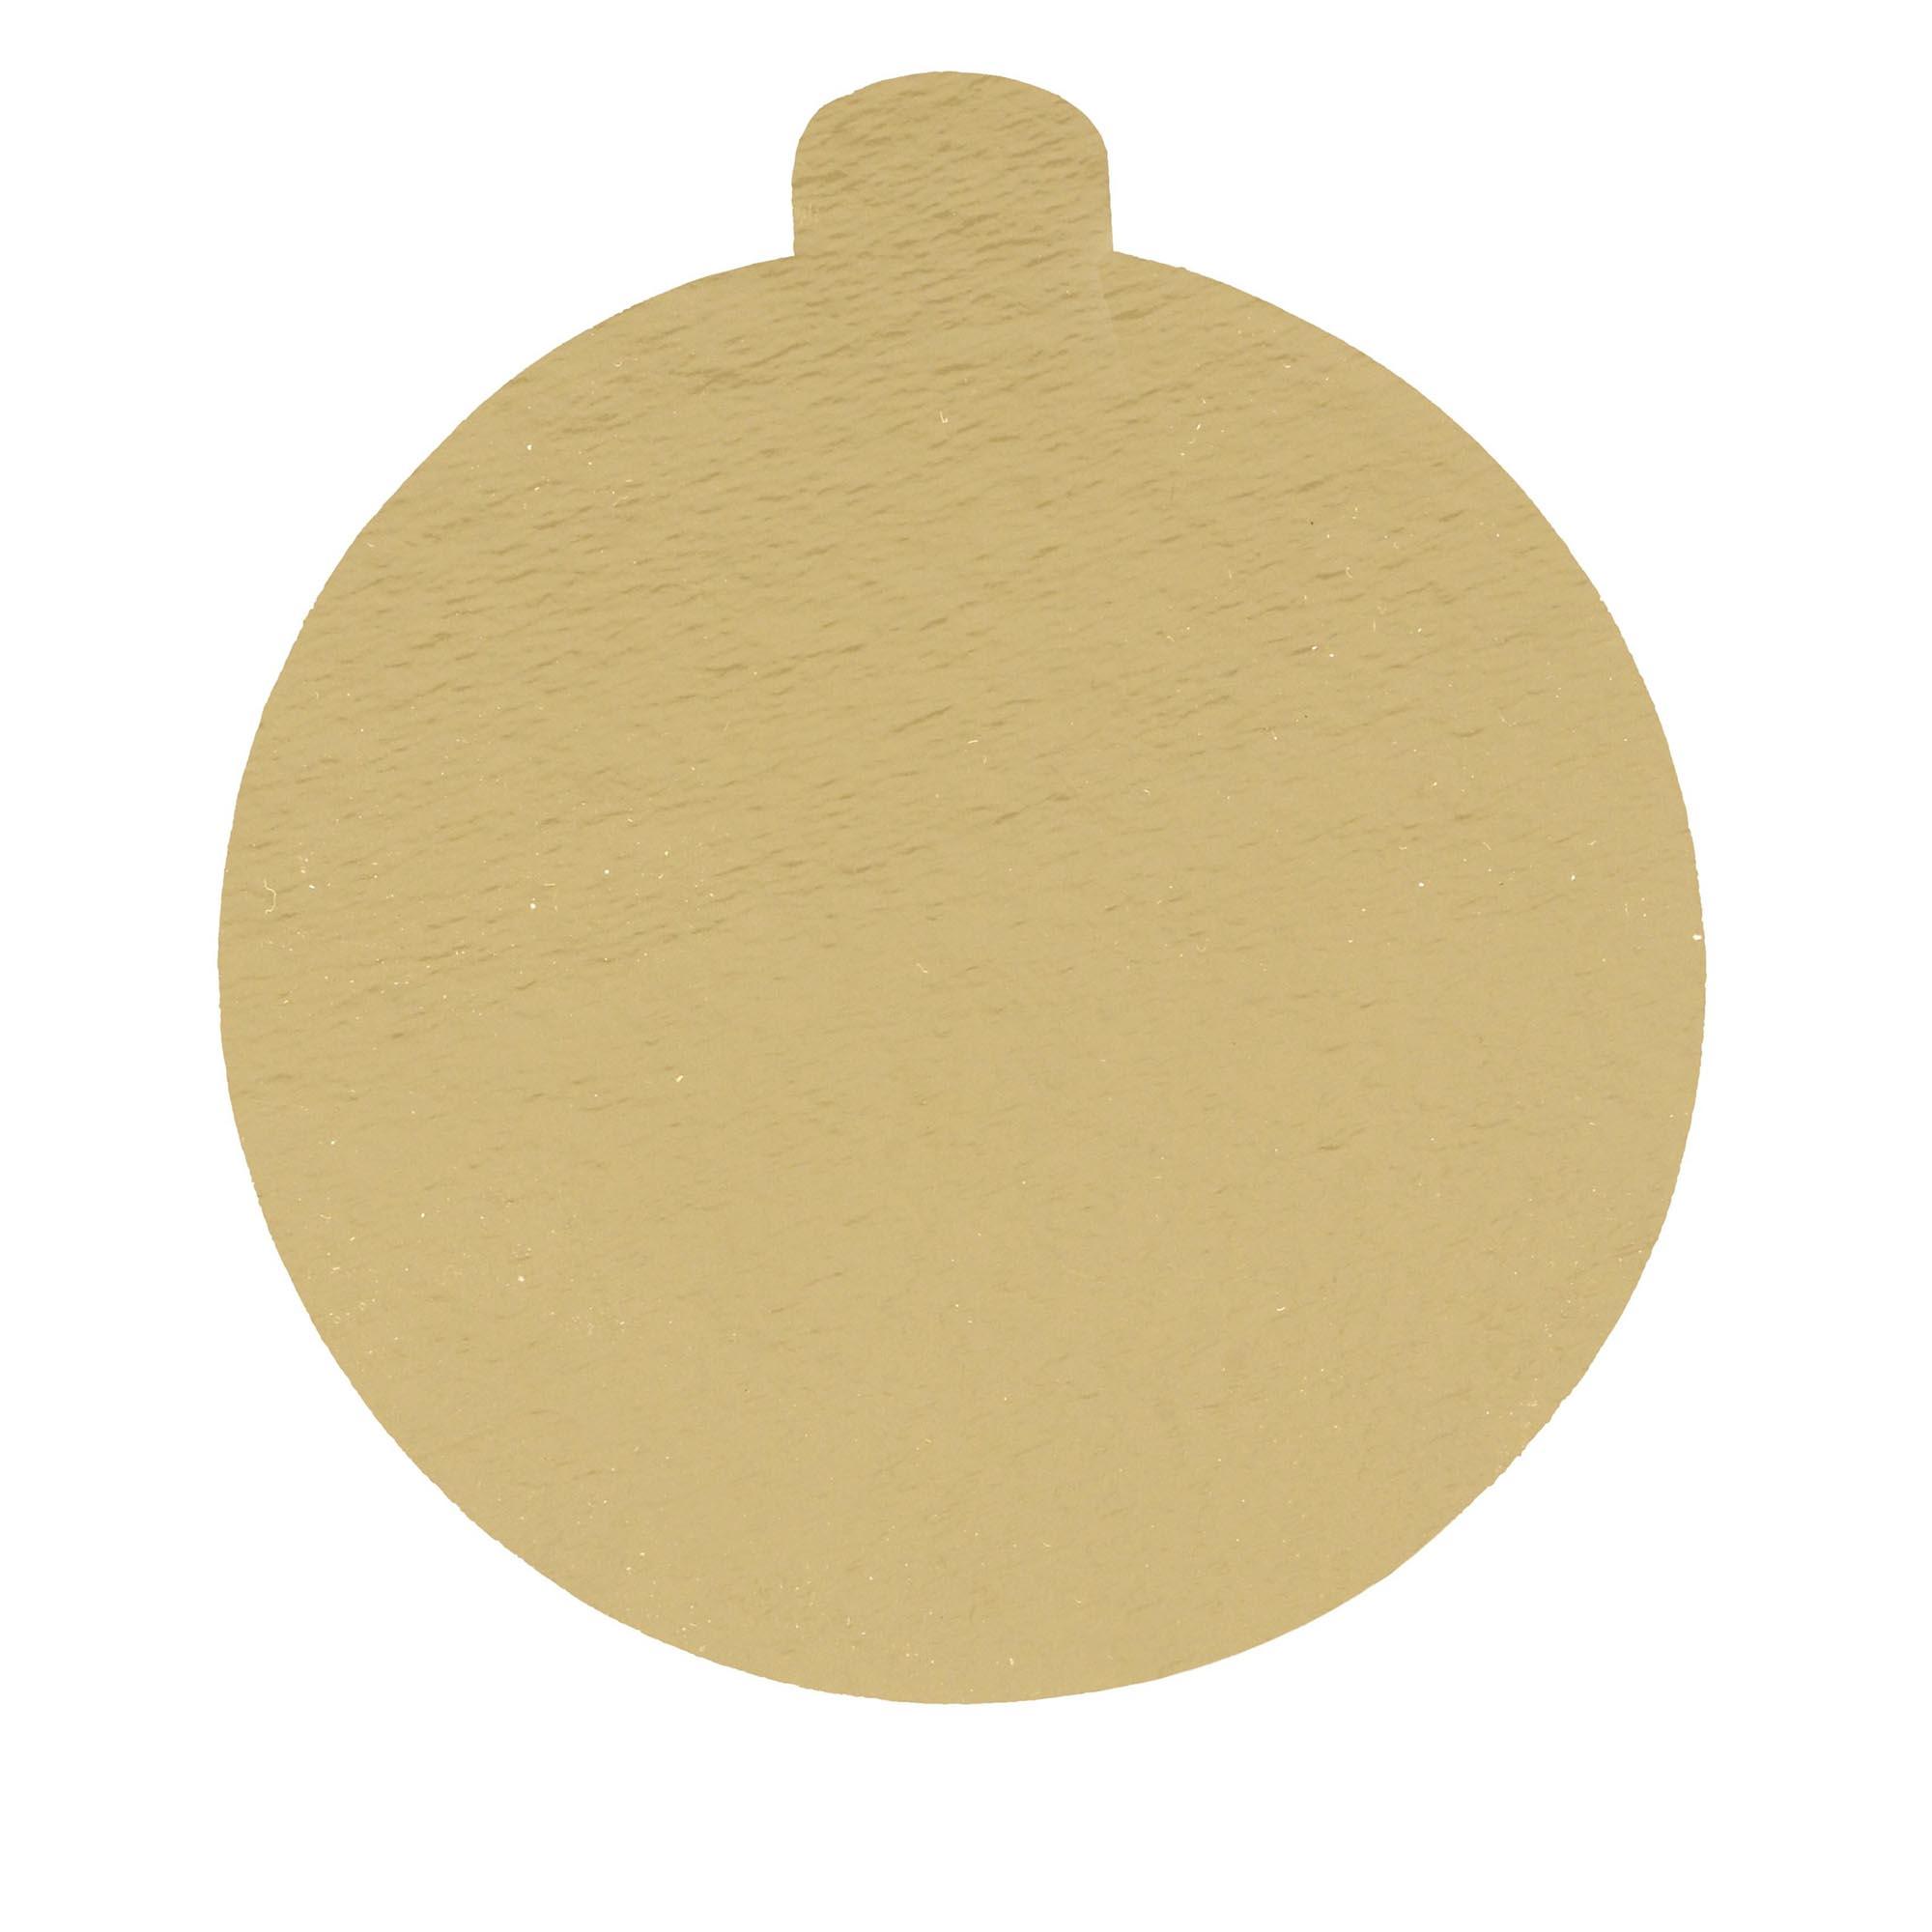 100 Bases Laminadas, Suporte P/ Brigadeiros e Doces, 10cm - Ouro